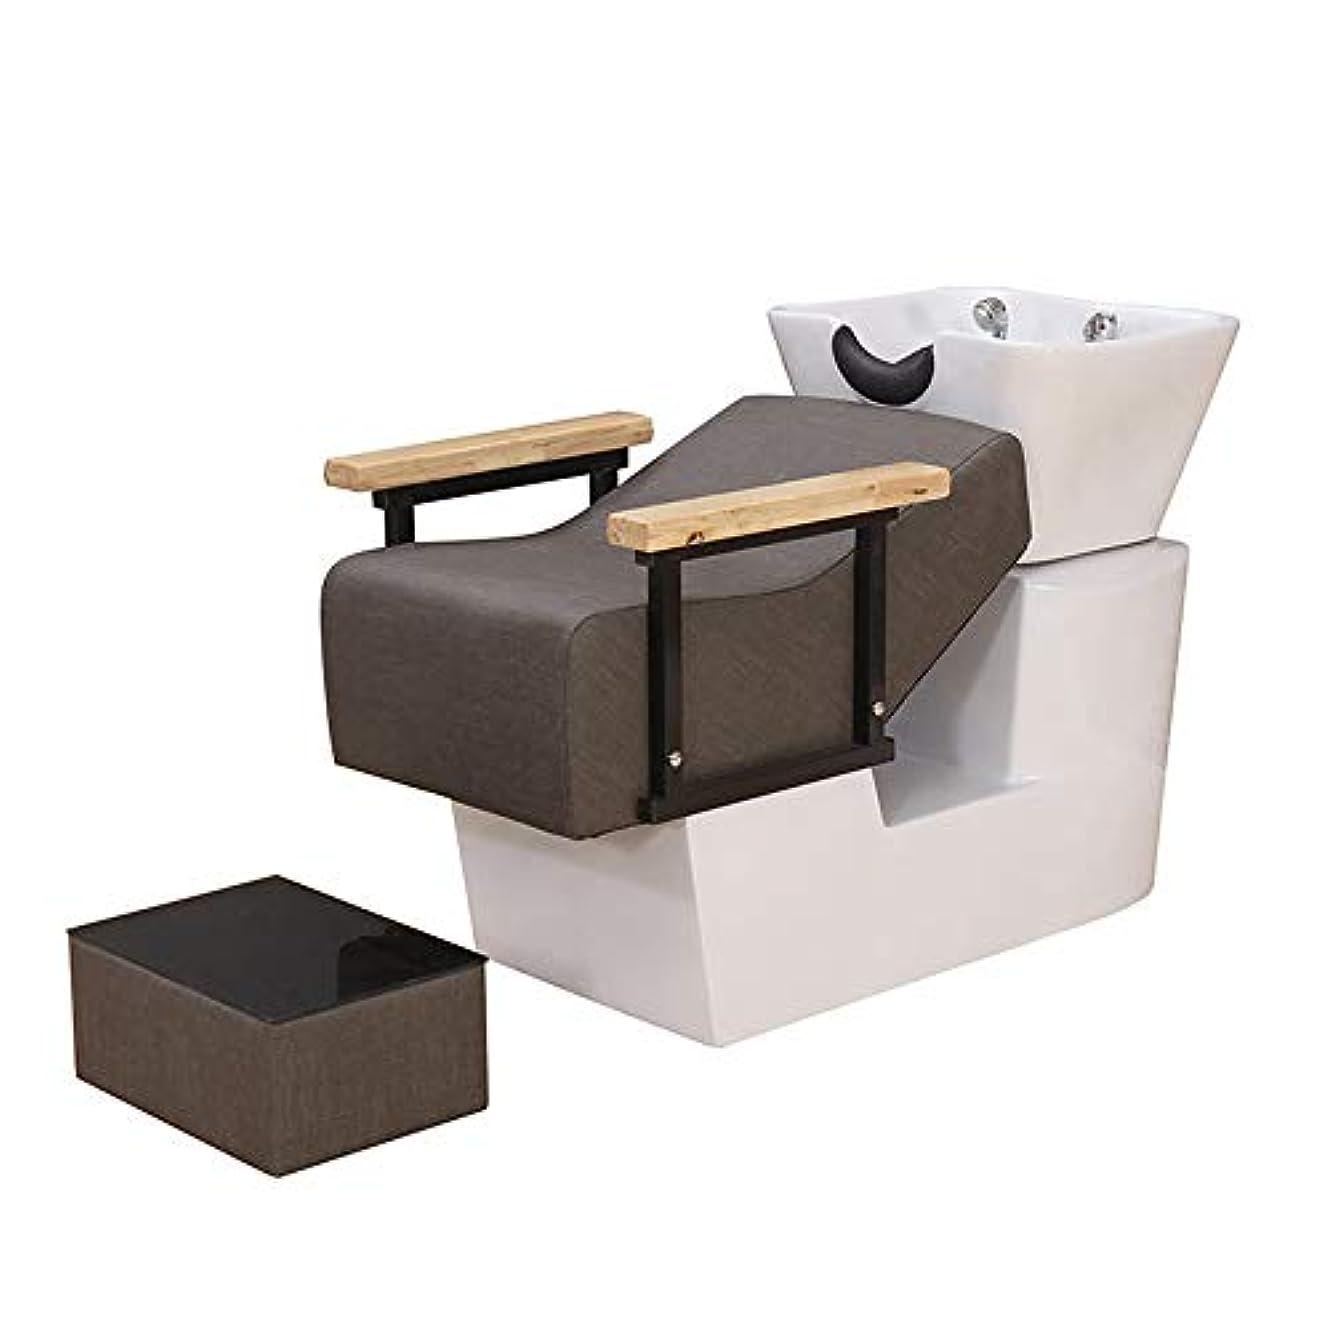 測るシールドオーストラリア人シャンプーチェア、逆洗ユニットシャンプーボウル理髪シンクシンクチェア用スパ美容院機器用半埋め込みフラッシュベッド